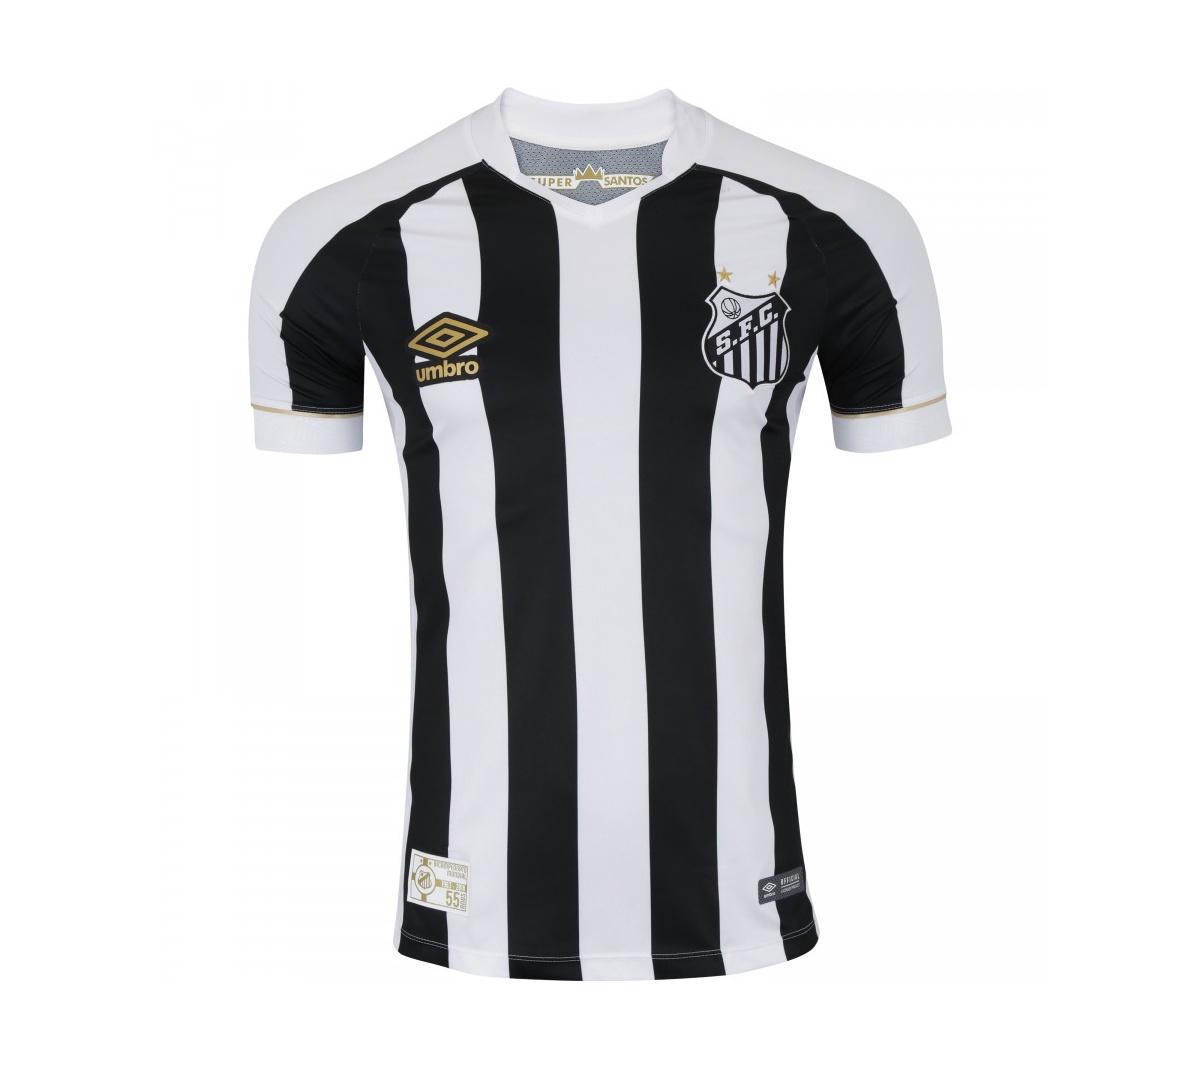 4dfb1ecc17 Camisa Umbro Santos II Oficial 2018 Camisa Umbro Santos II Oficial 2018 ...